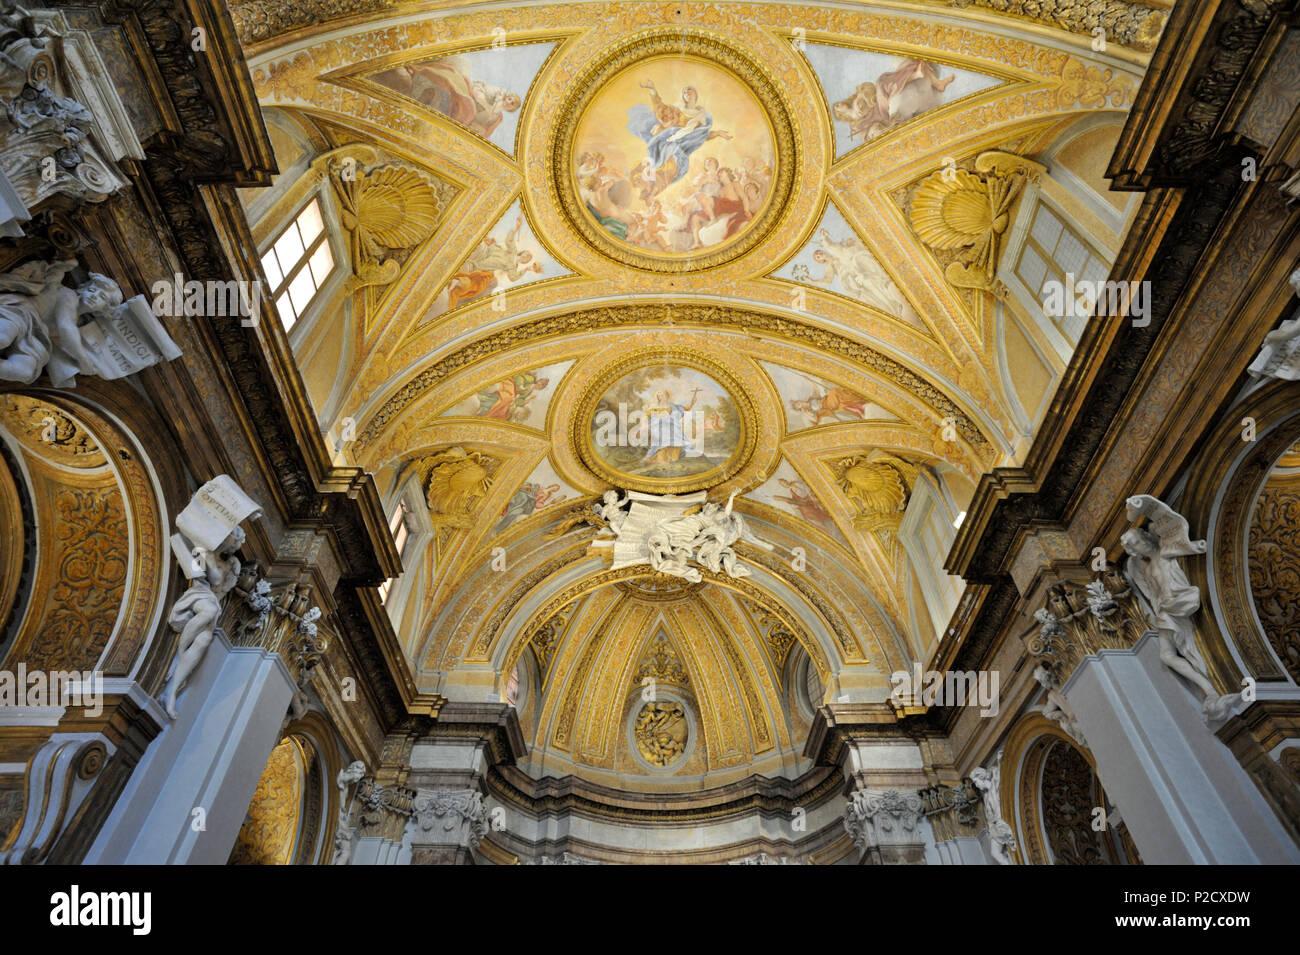 Deckenfresken von Giovanni Battista Gaulli, auch als Baciccio, entweiht Kirche von Santa Marta Al Collegio Romano (17. Jahrhundert) Rom, Italien Stockbild